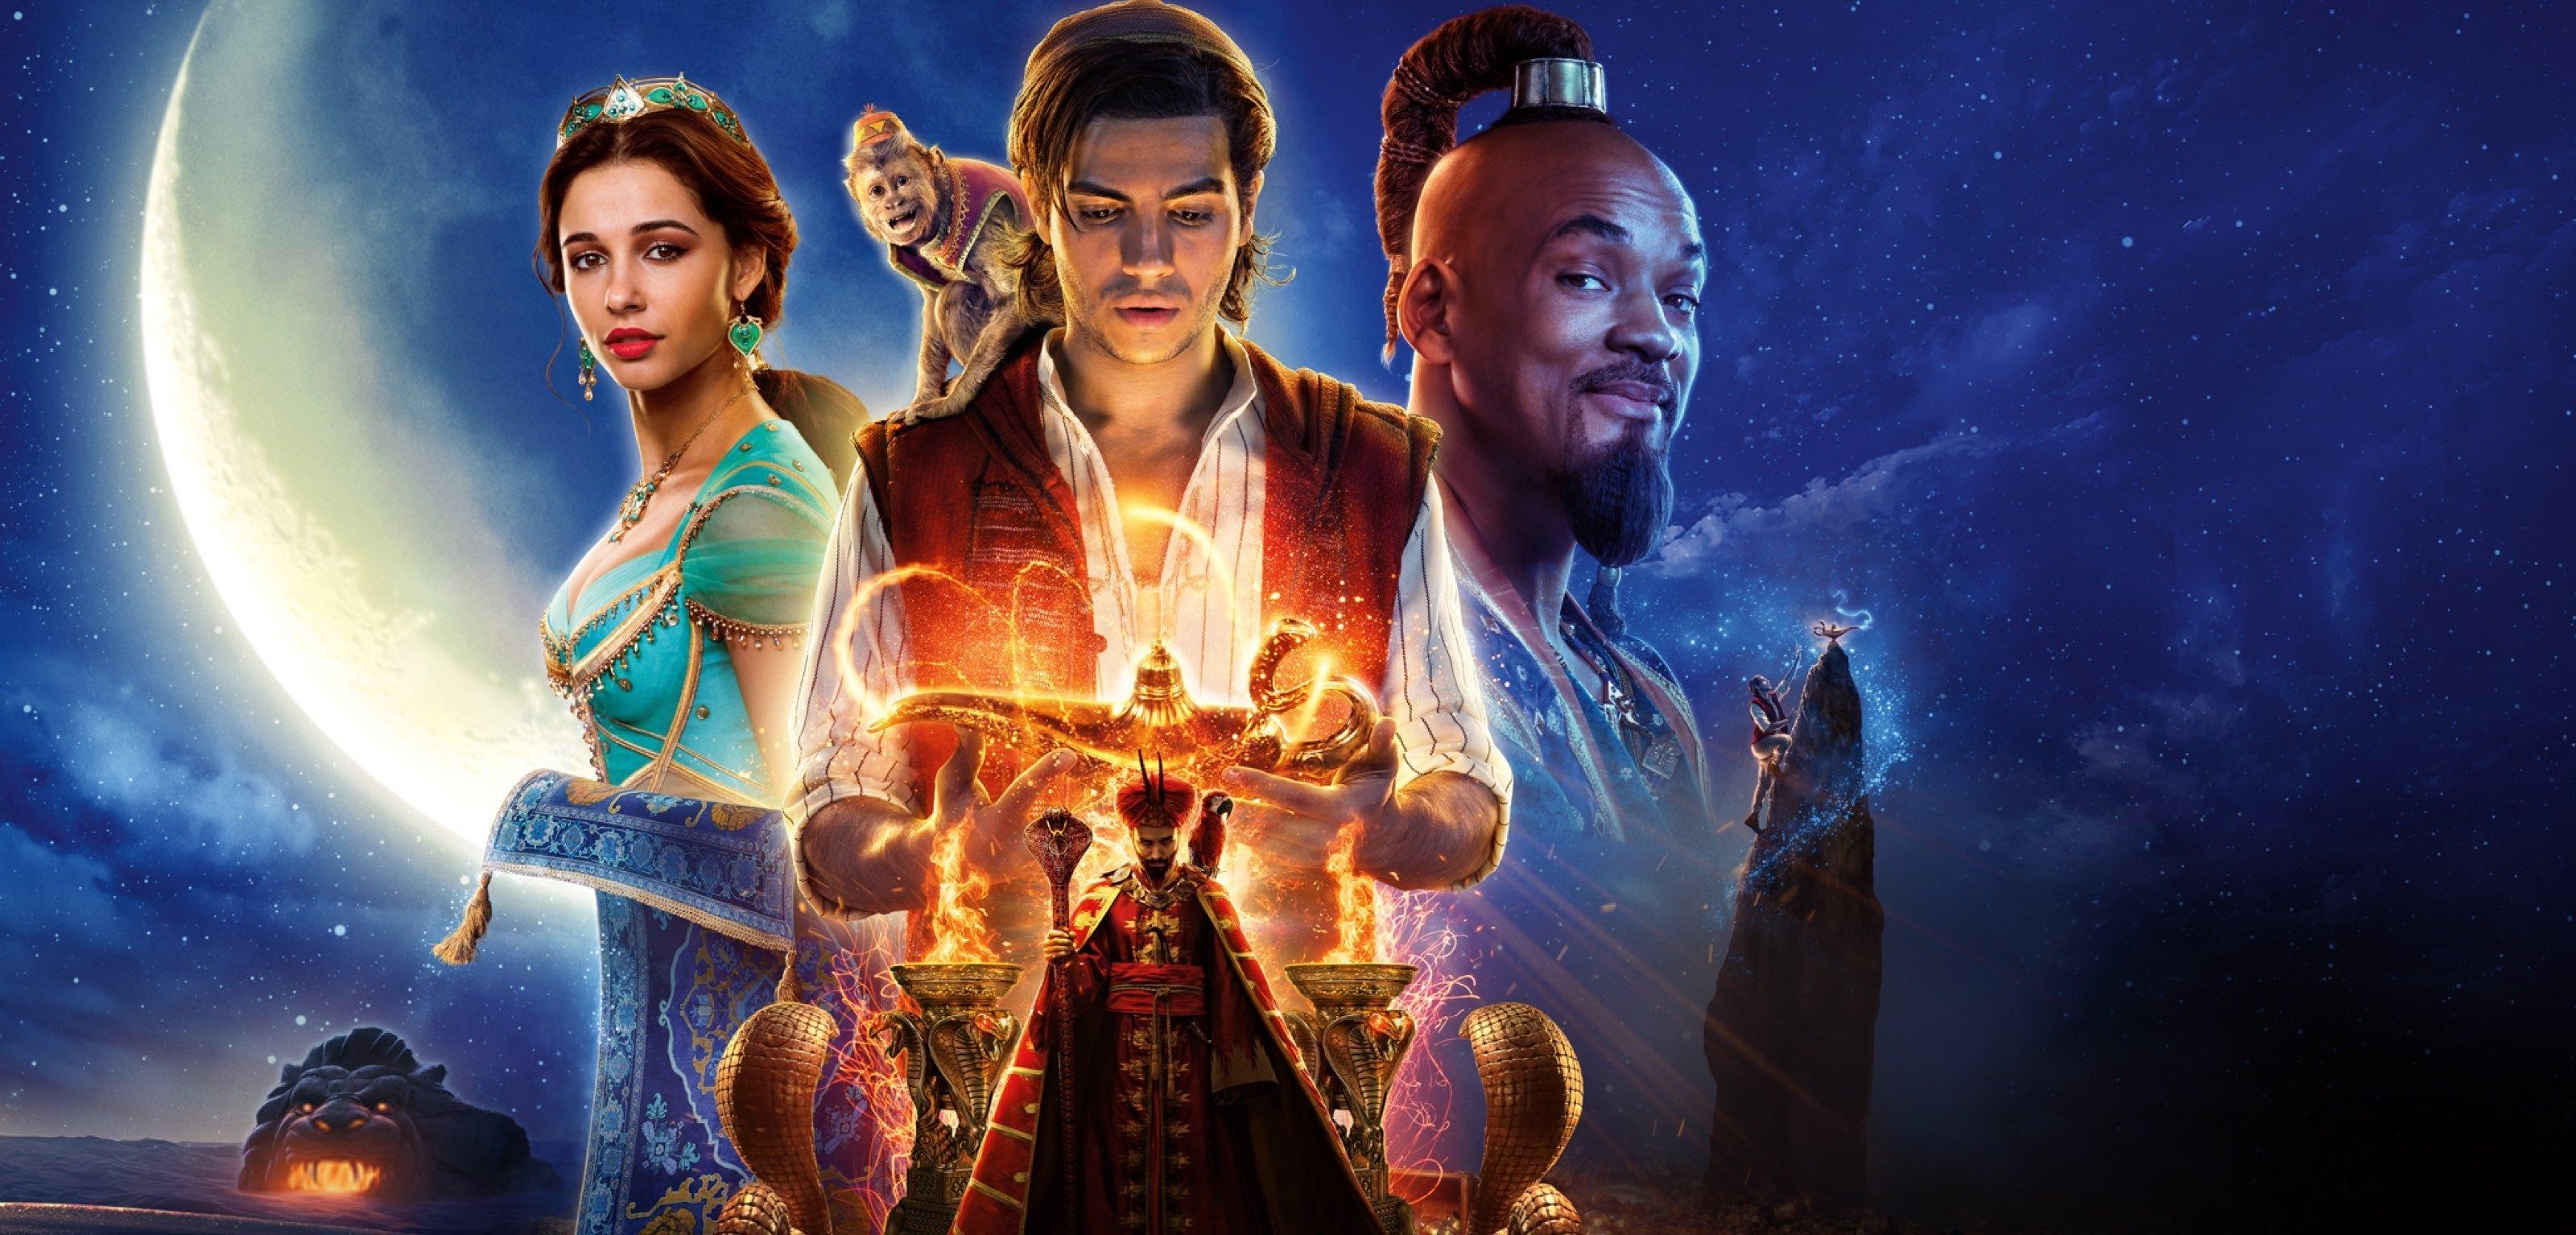 Un fermo immagine da Aladdin